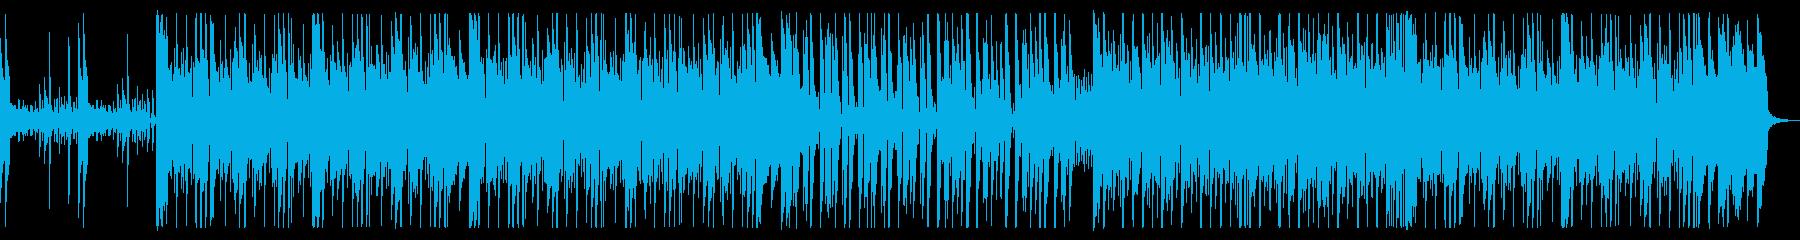 近代的で洗練されたクールなサウンドの再生済みの波形